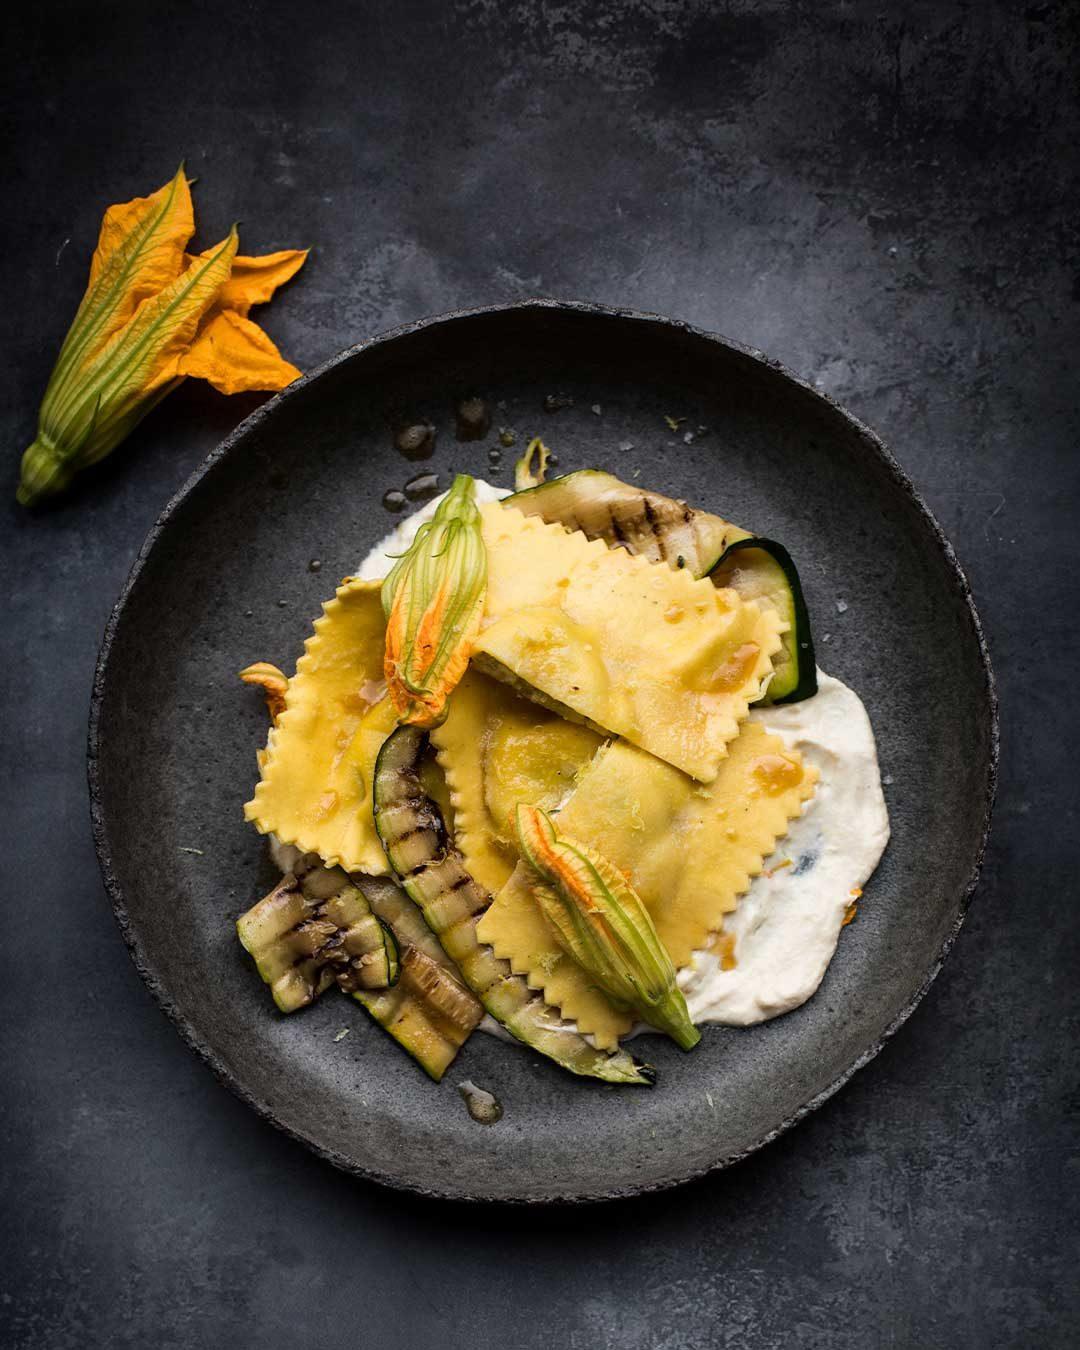 Sådan laver du en ravioli med friskost, grillet squash og friskostcreme med brunet smør. Få Mikkel Bækgaards opskrift på en grøn ret med ost.